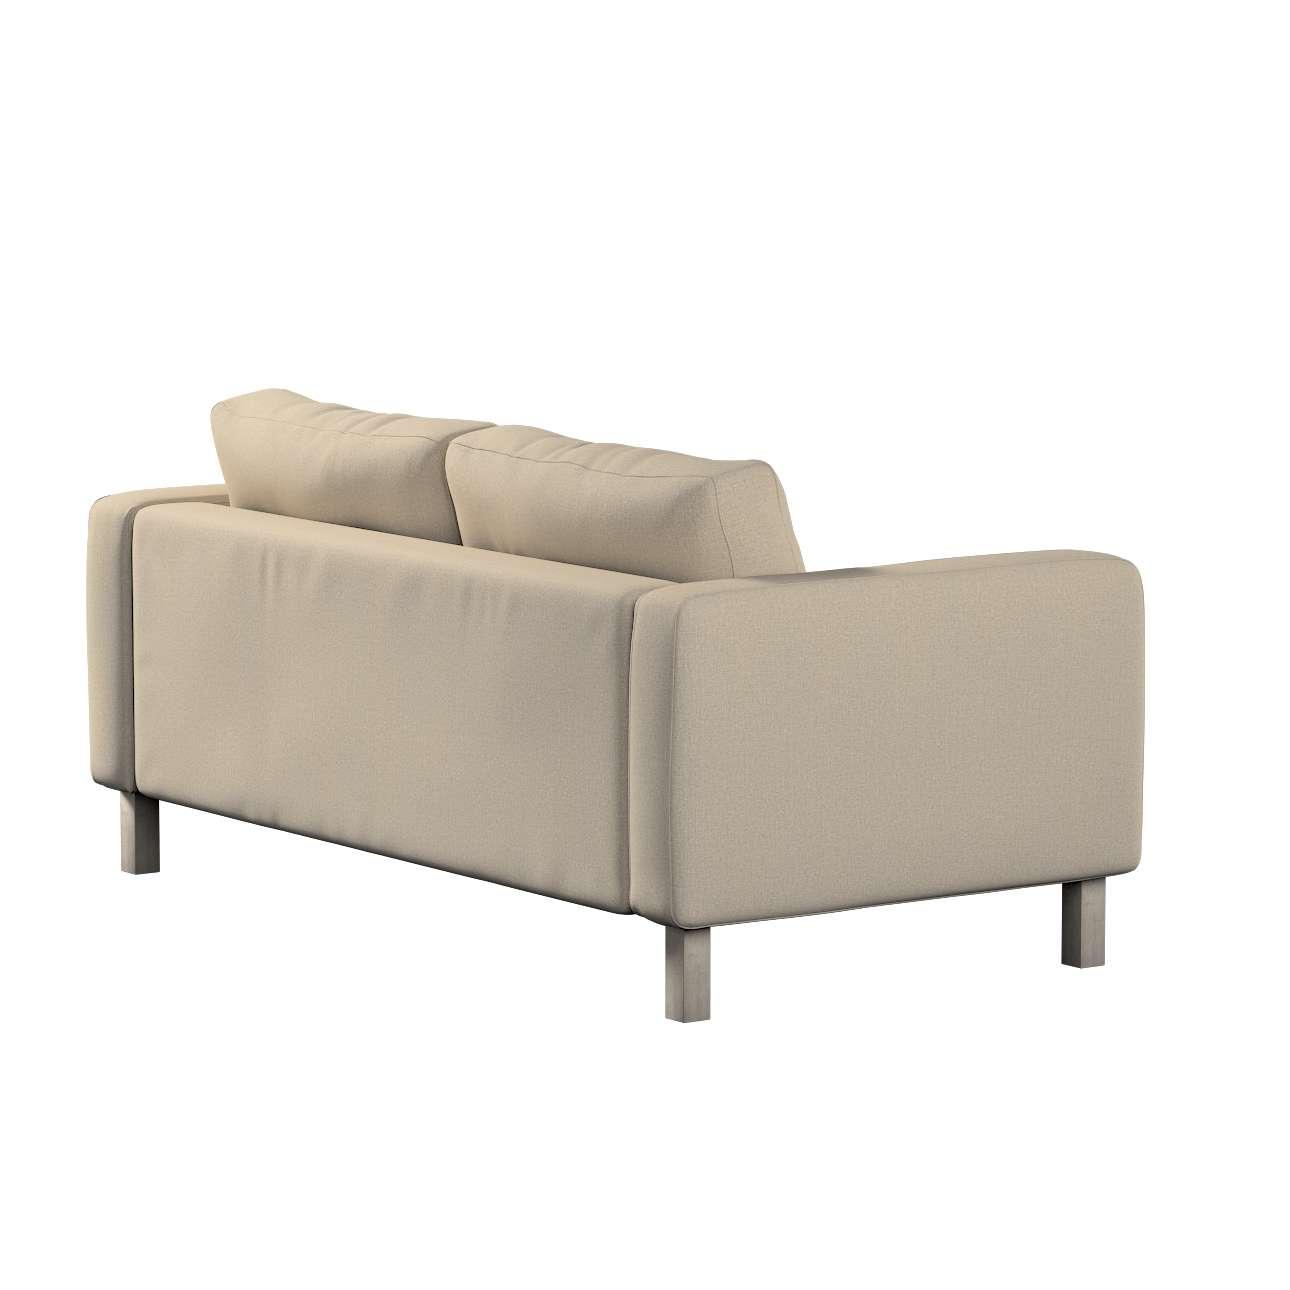 Pokrowiec na sofę Karlstad 2-osobową nierozkładaną krótki w kolekcji Edinburgh, tkanina: 115-78